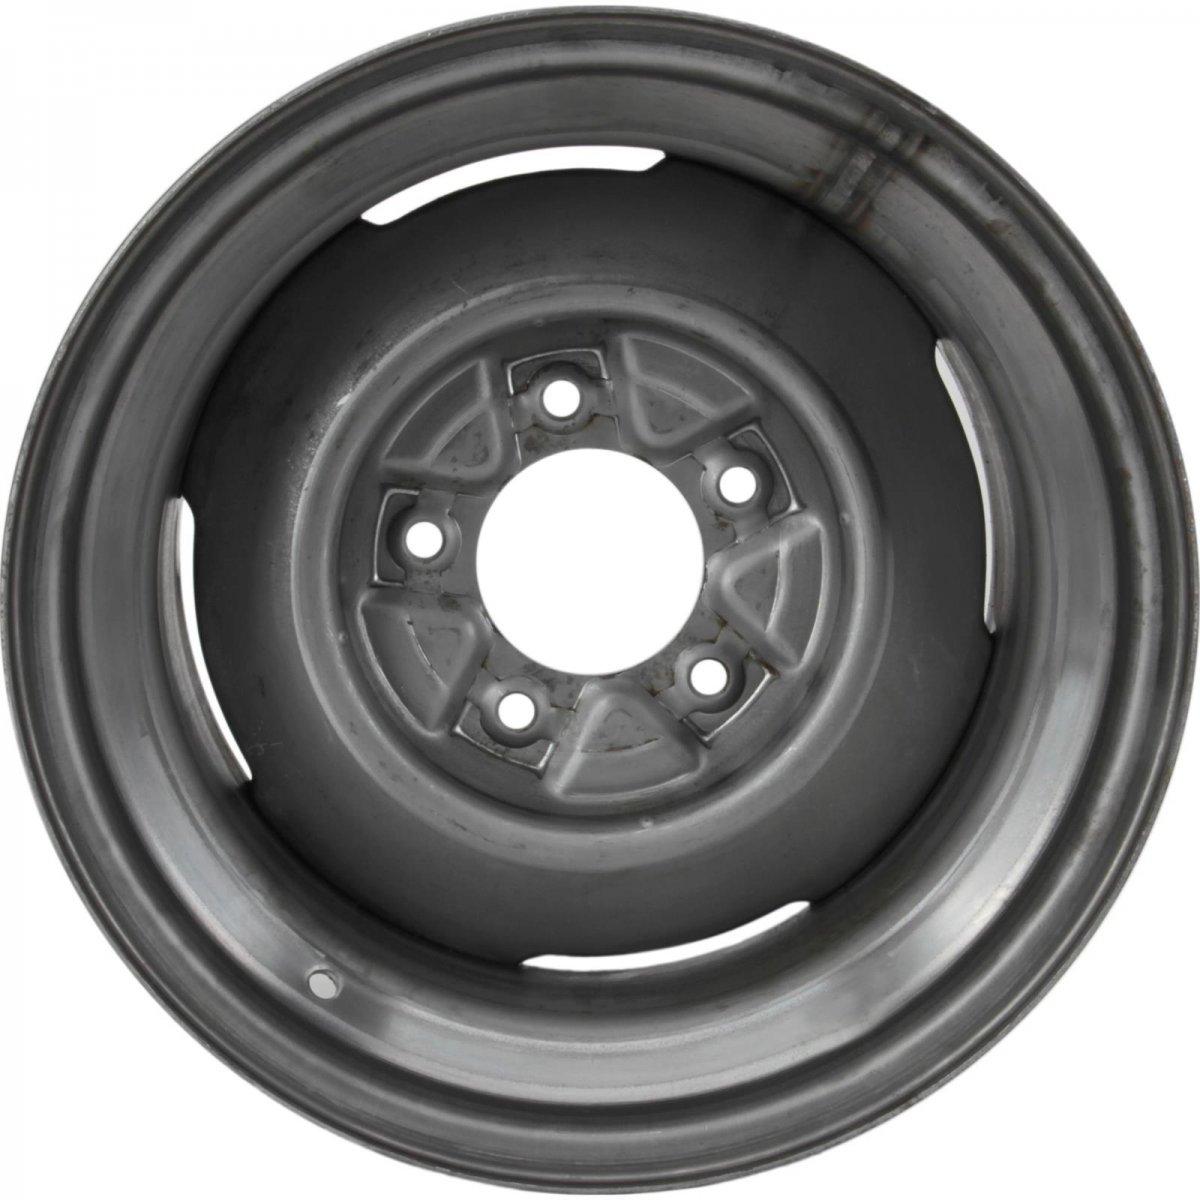 Speedway Vintage 15x10 5x5.5 4.50 BS Wheel #25045151 (2).jpg